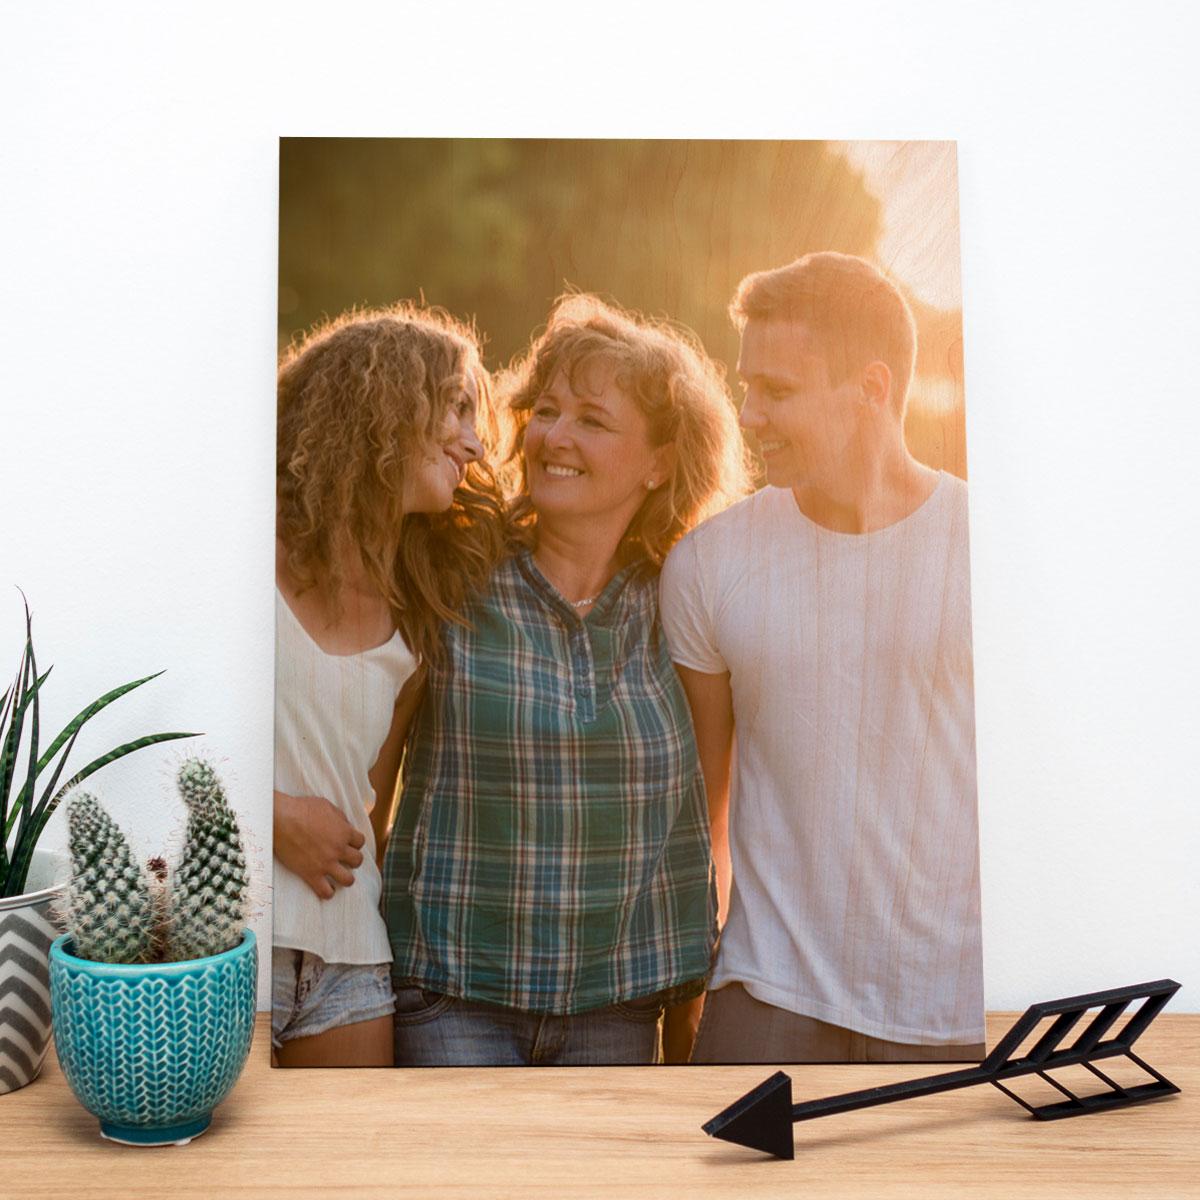 Gruãÿkarte Zum Hochzeitstag | Geschenke Fur Eltern Die Schonsten Geschenkideen